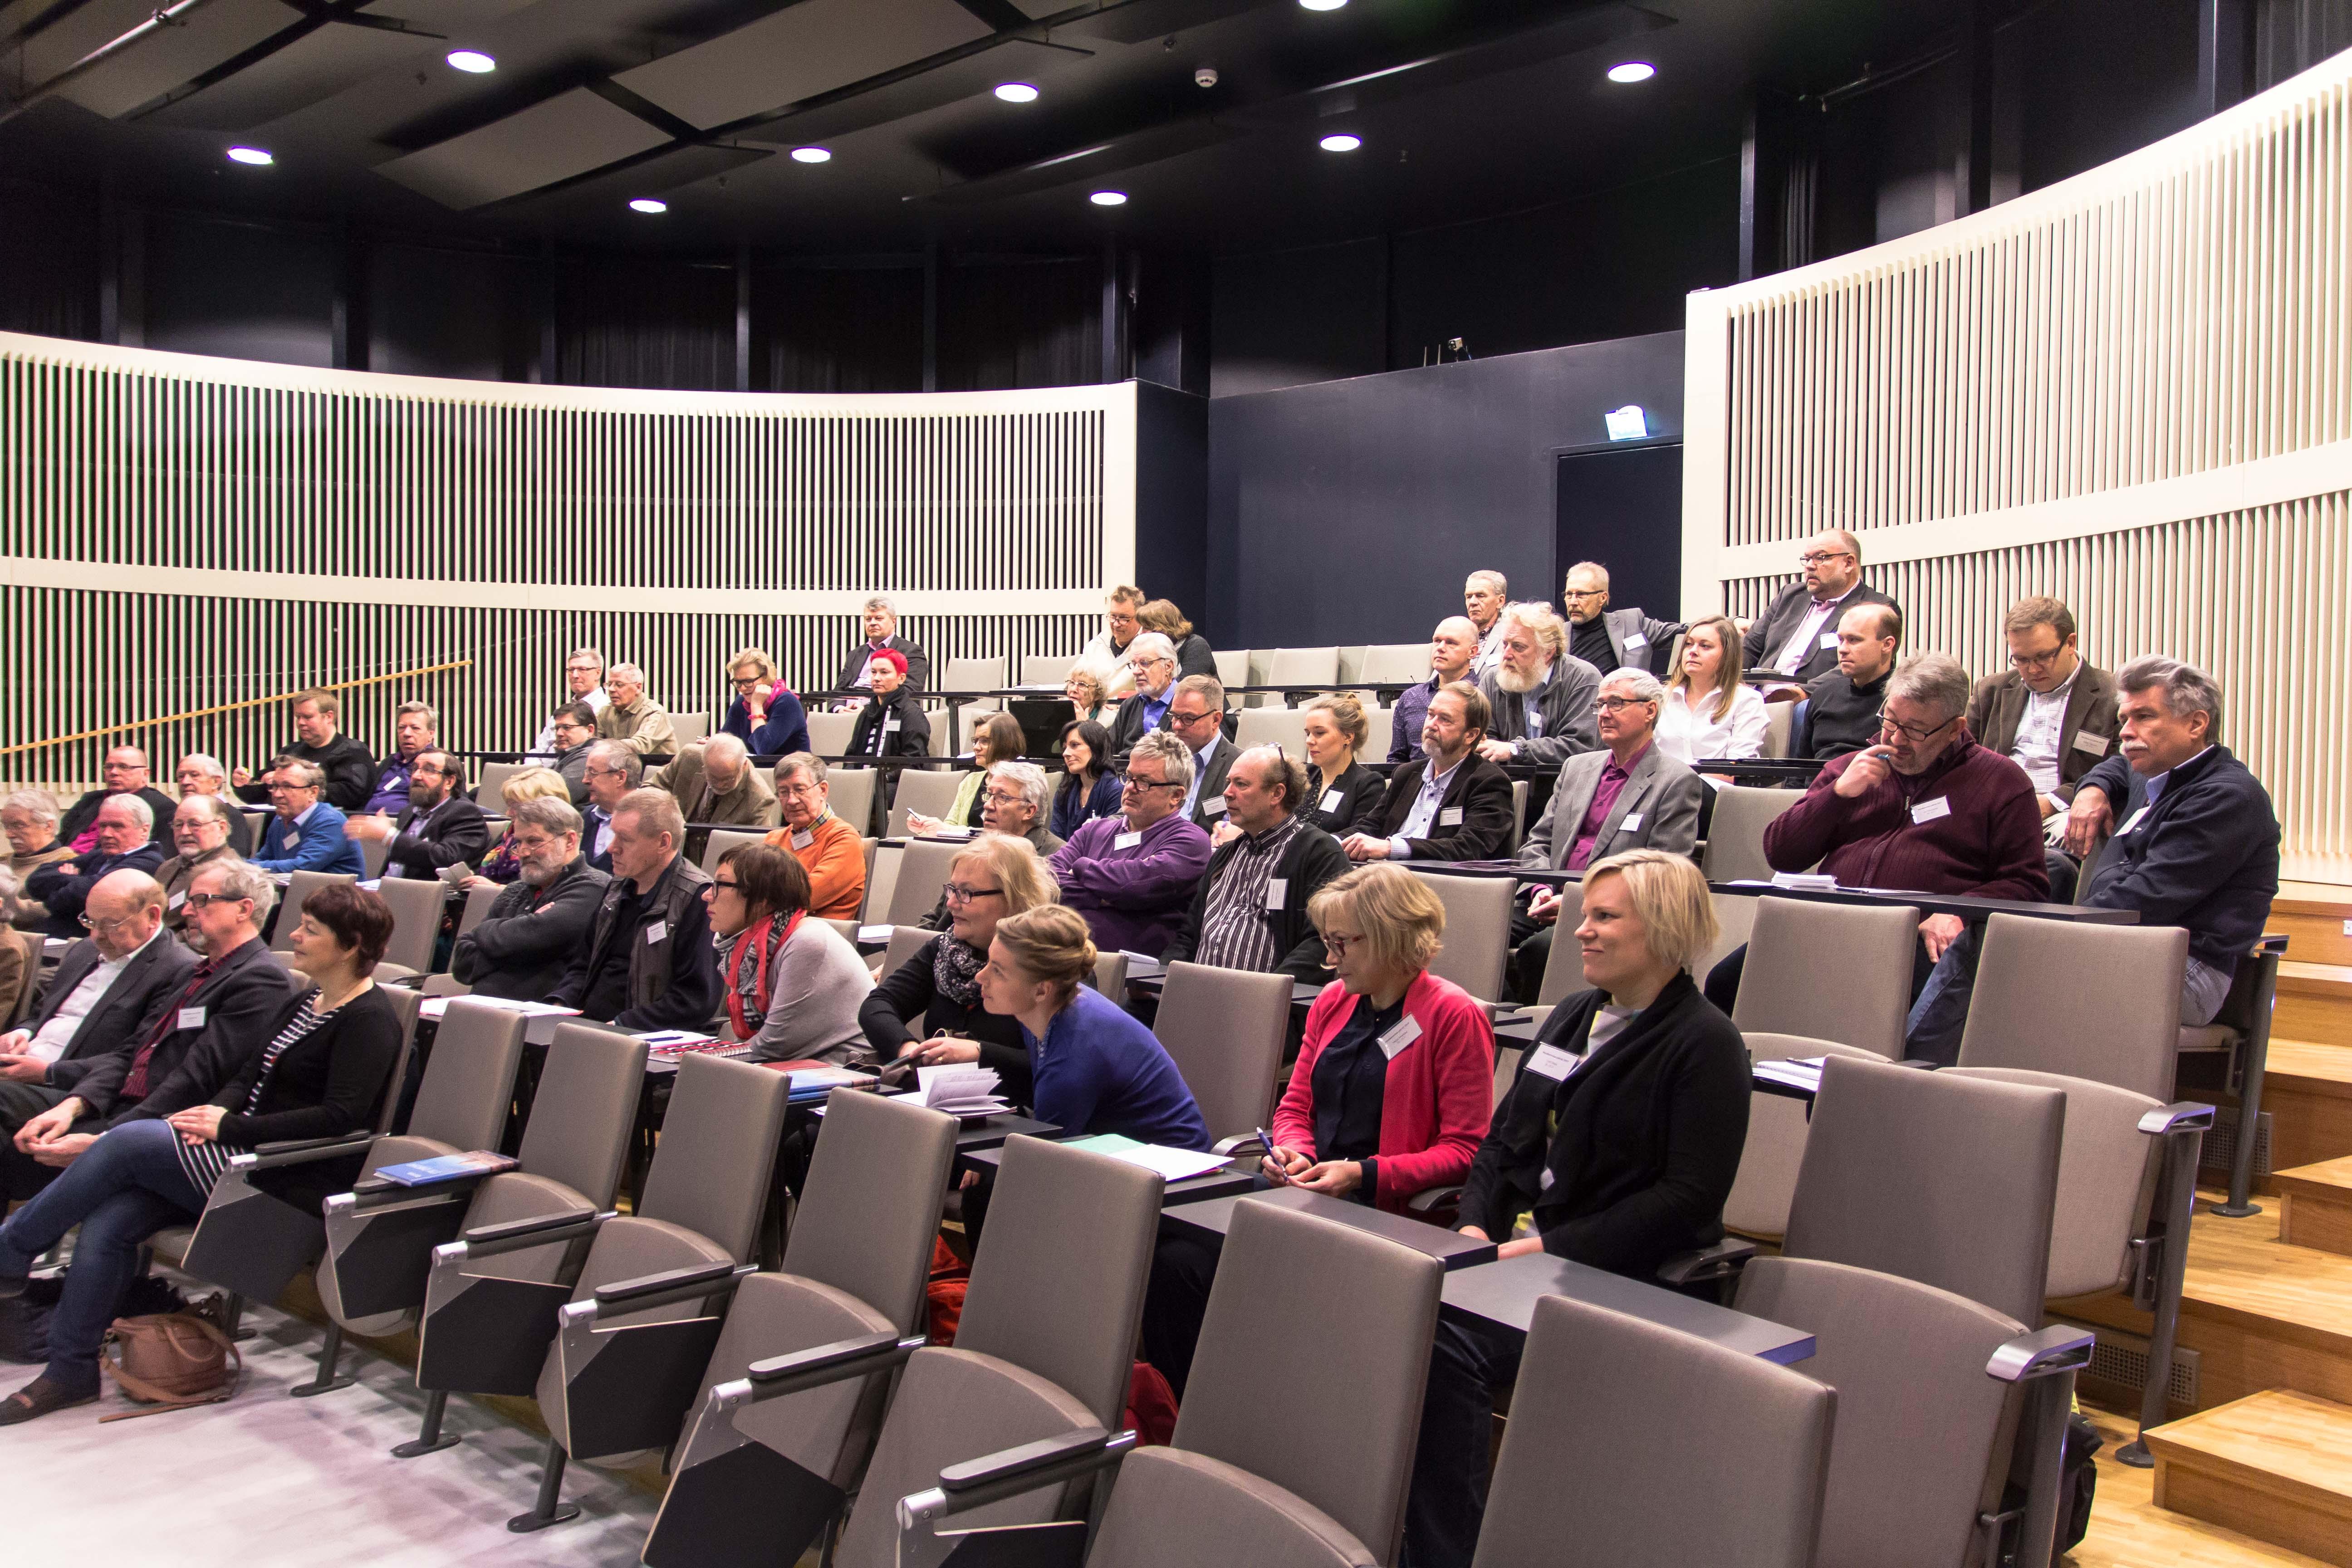 Seminaarin osallistujia kuuntelemassa esitelmää vuoden 2015 Merihistorian päivillä Pietarsaaressa.